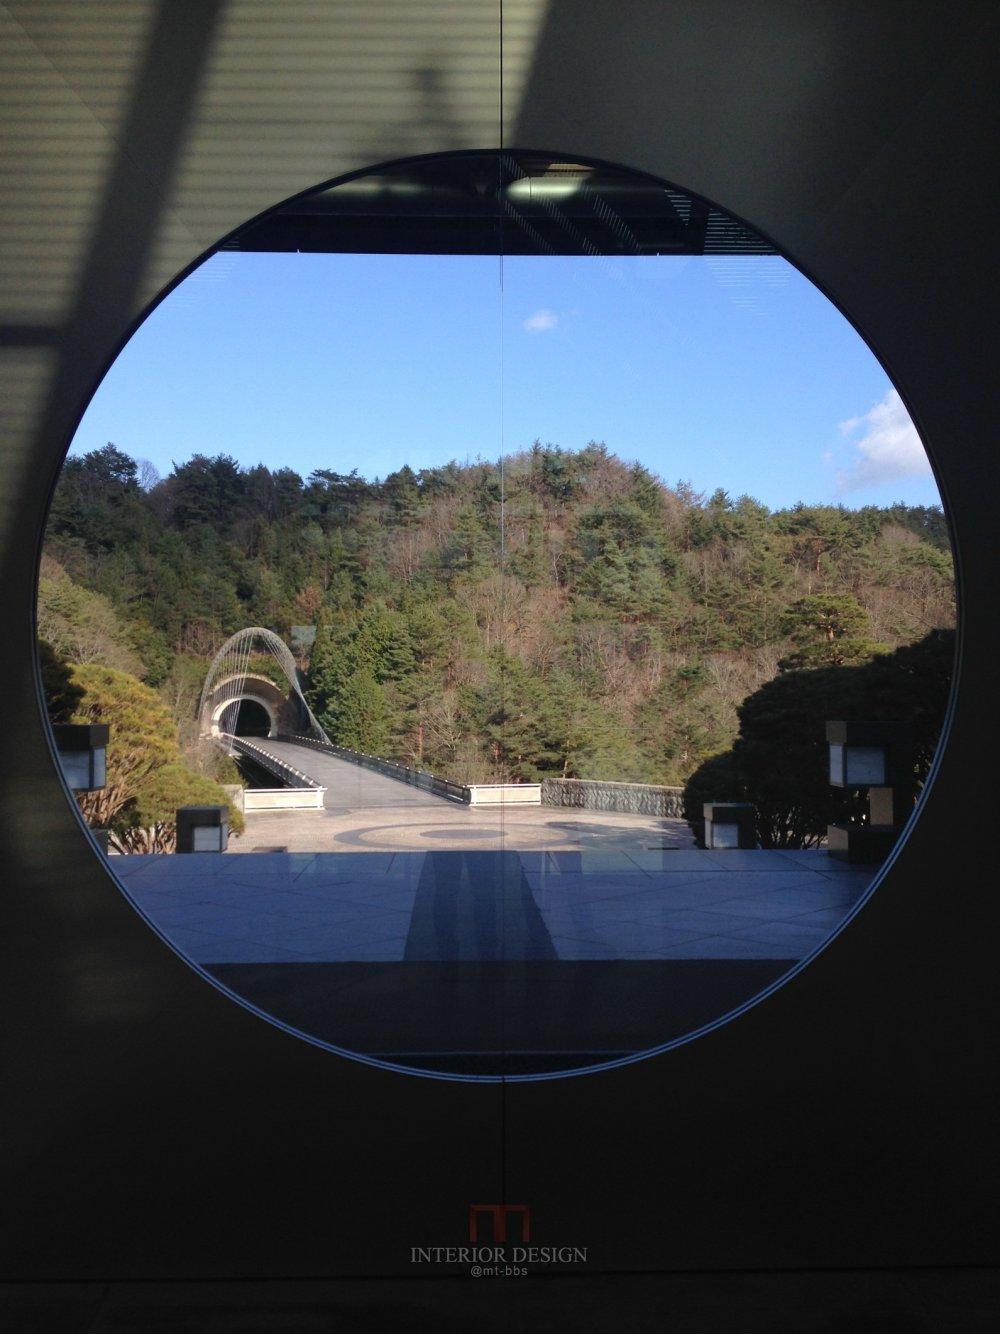 #伙伴一起看日本#  日本设计考察分享(更新美秀美术馆)_IMG_7209.JPG